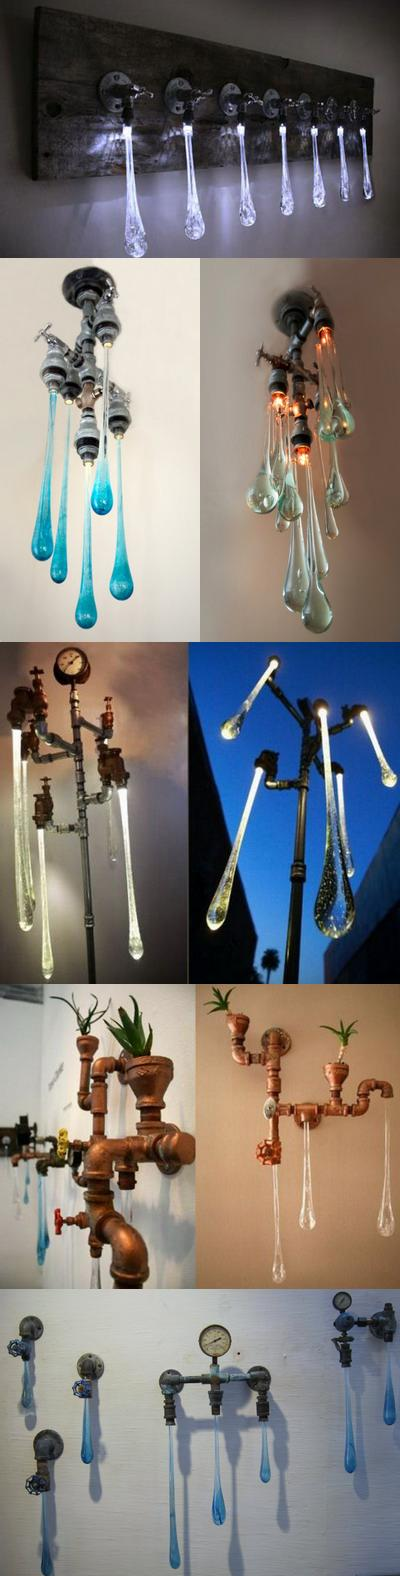 Светильники «Жидкий Свет» («Liquid Lights»)